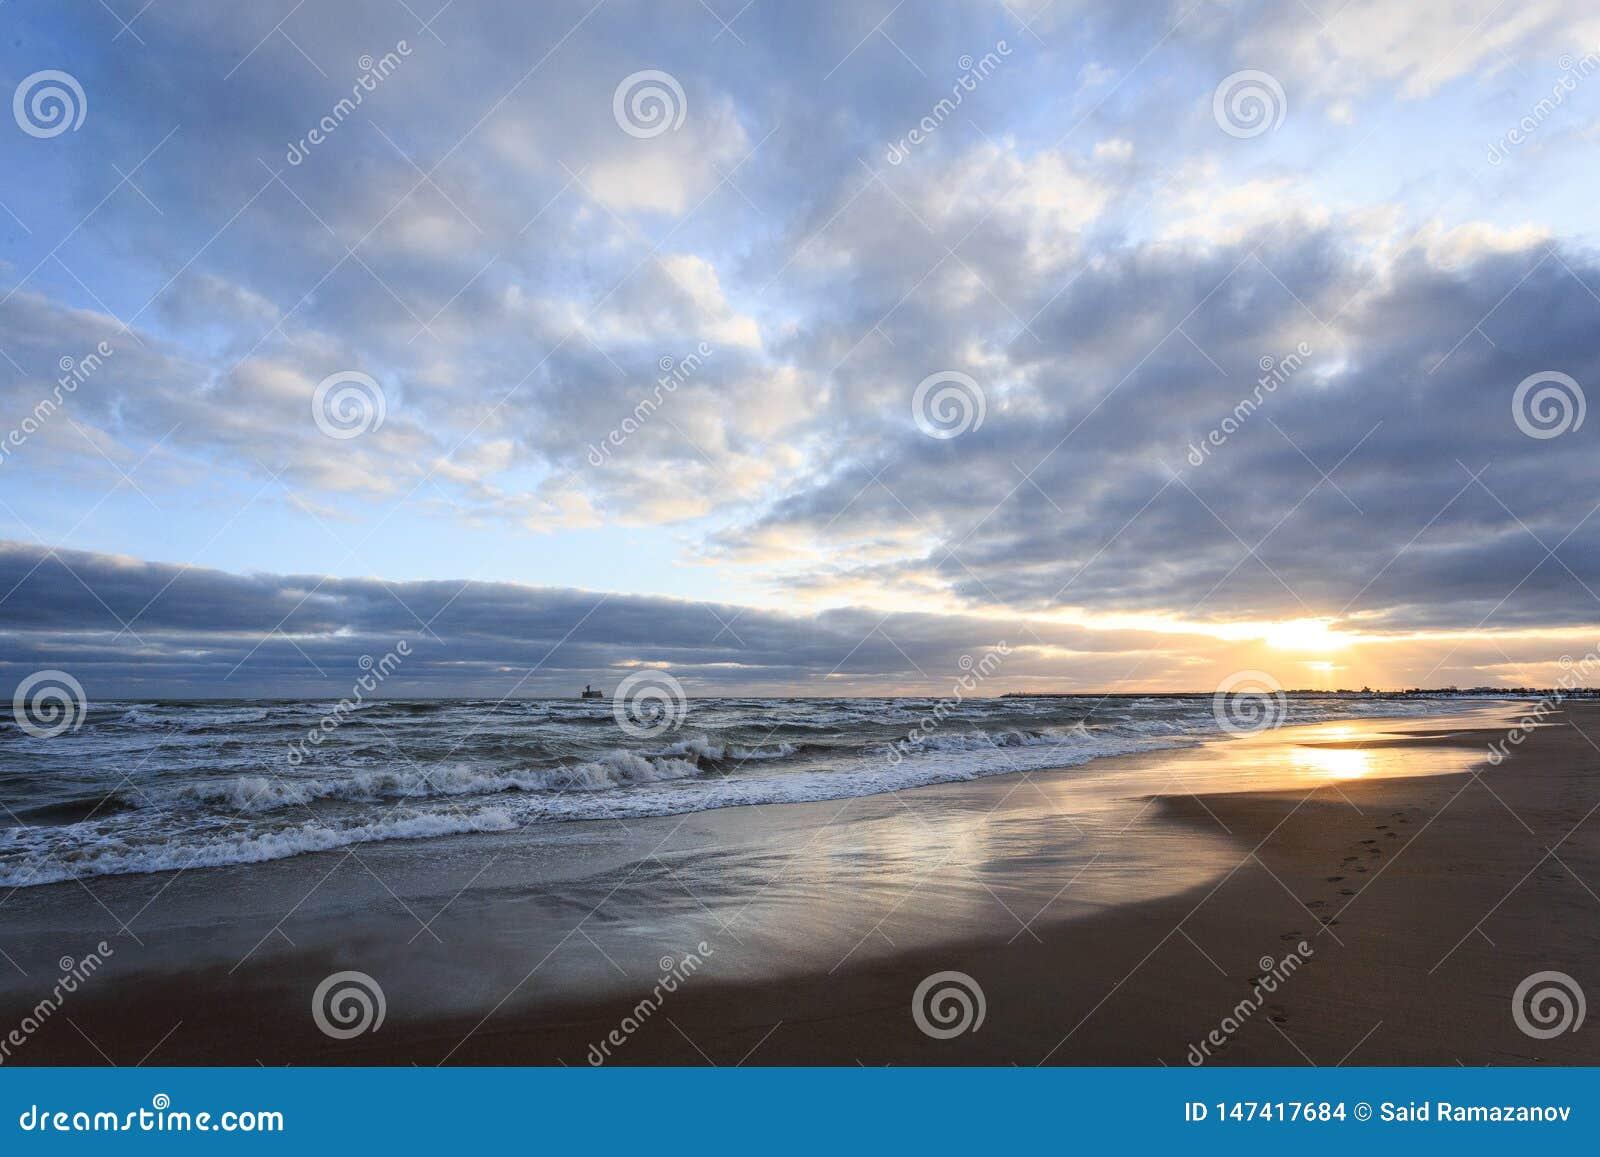 Huellas en la arena por el mar